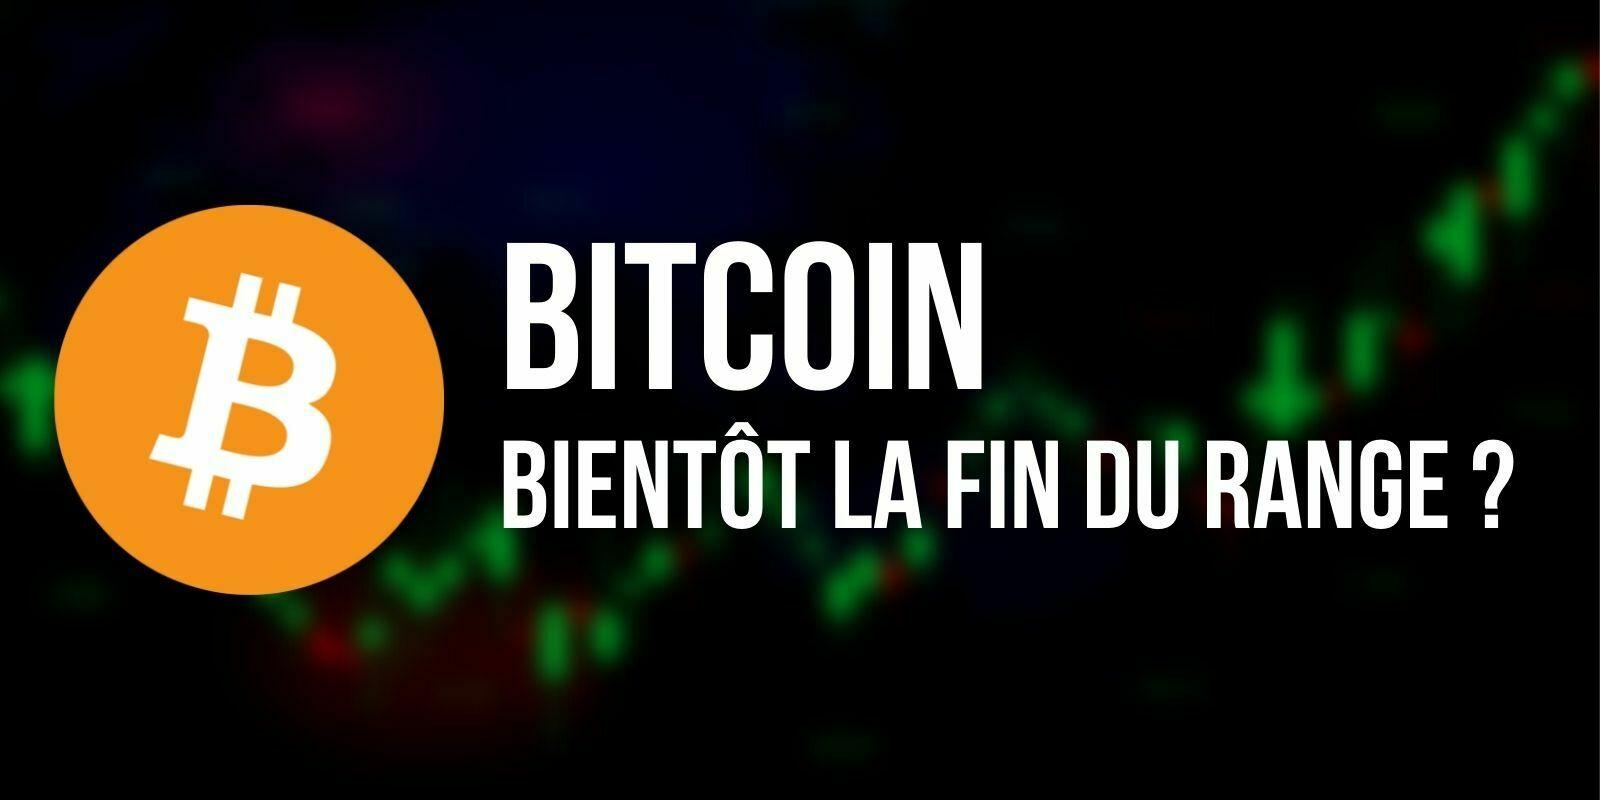 Bitcoin (BTC) – Le rebond de la volatilité sera impulsif